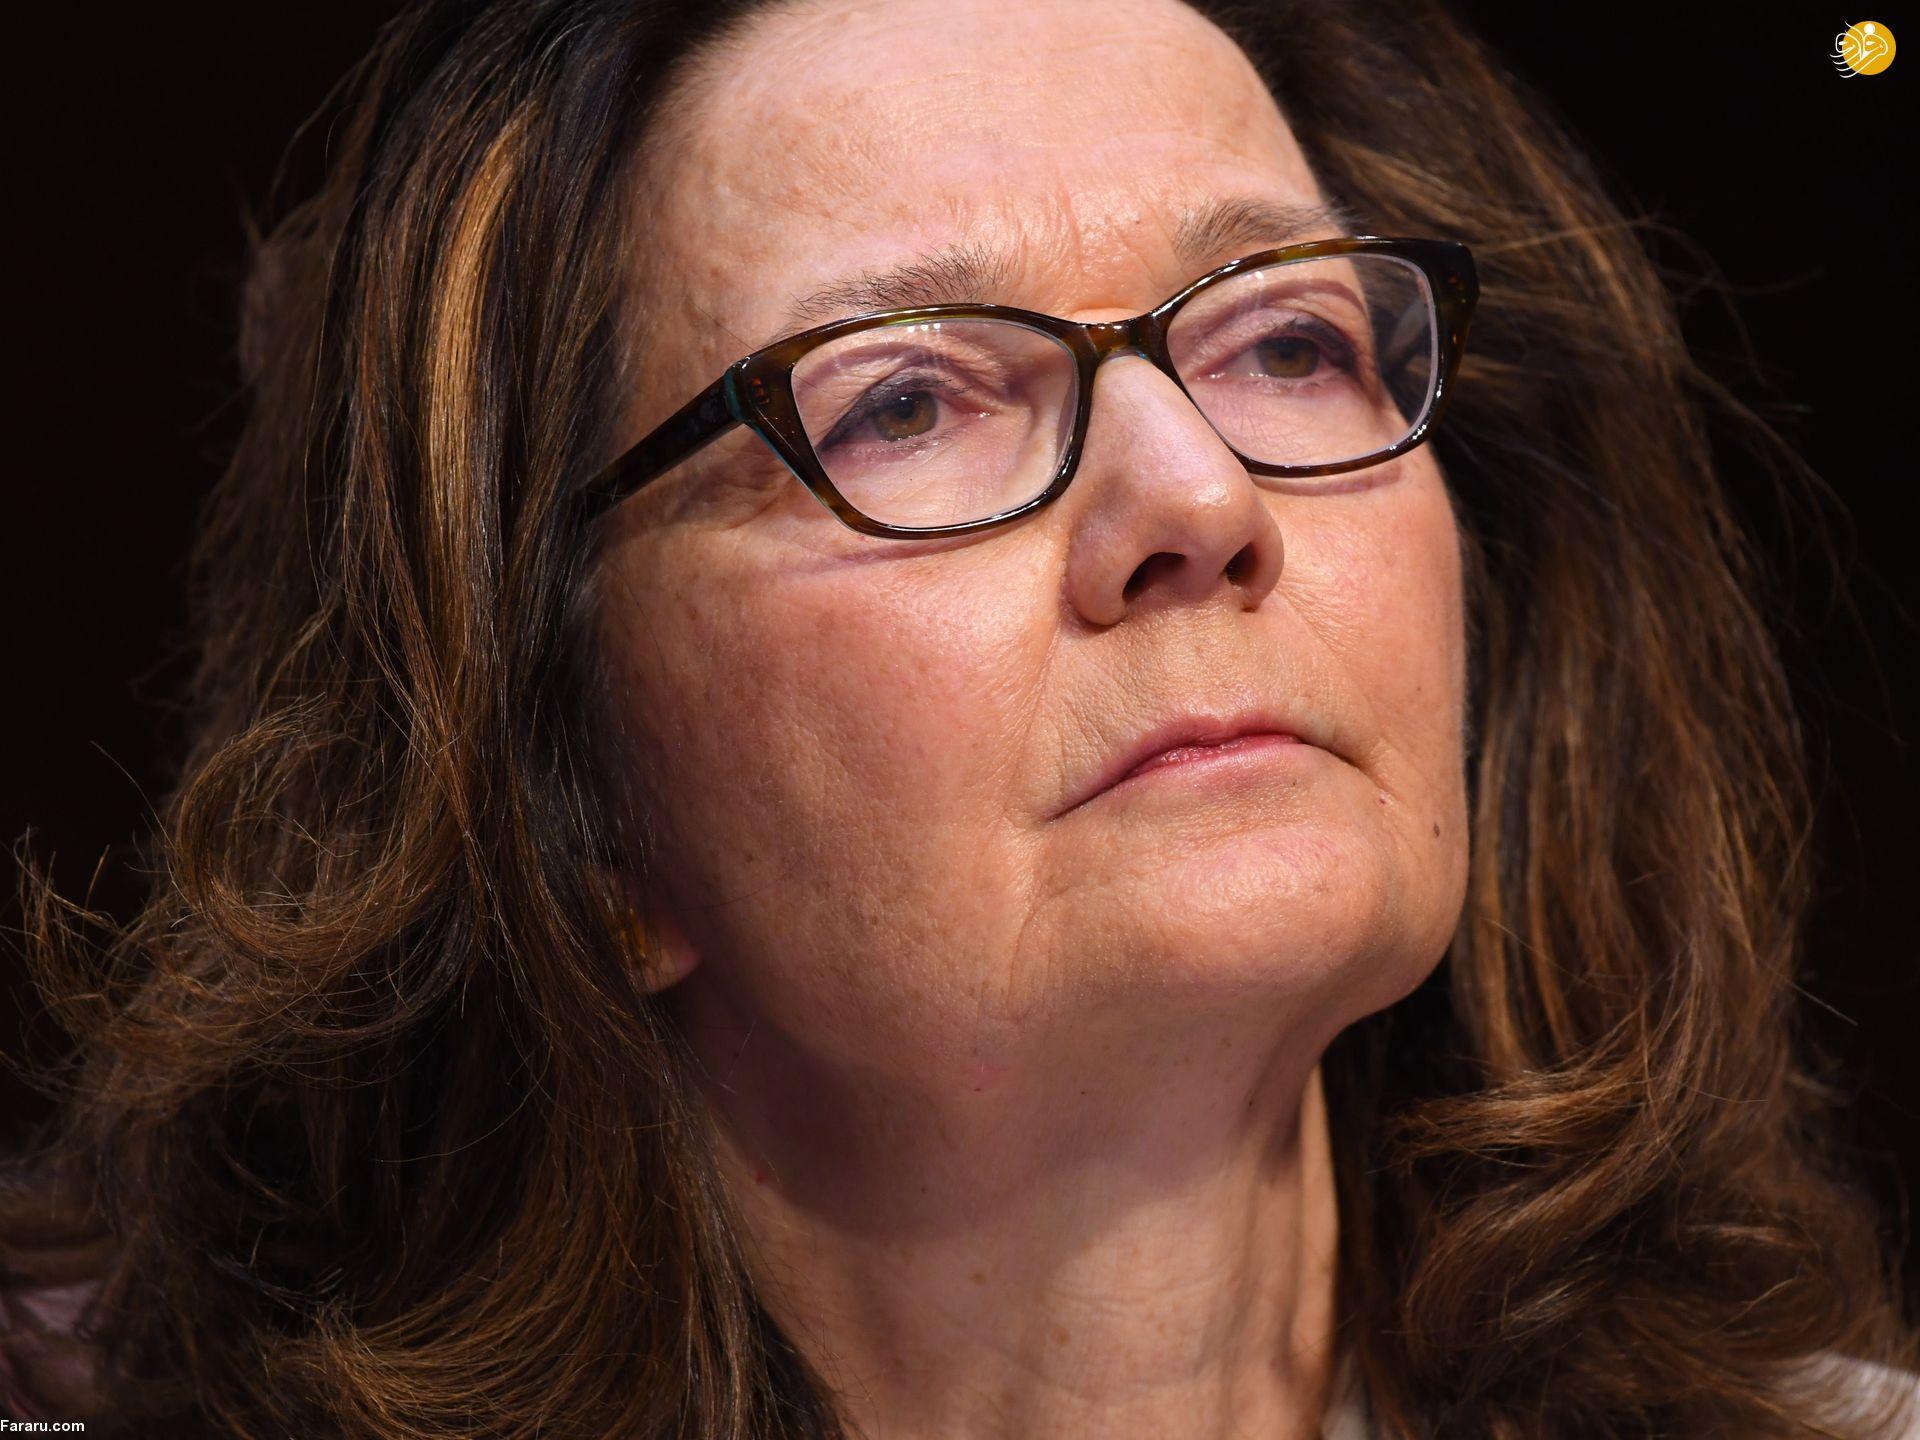 (تصاویر) جینا هاسپل؛ زن شکنجهگری که رئیس سیا شد